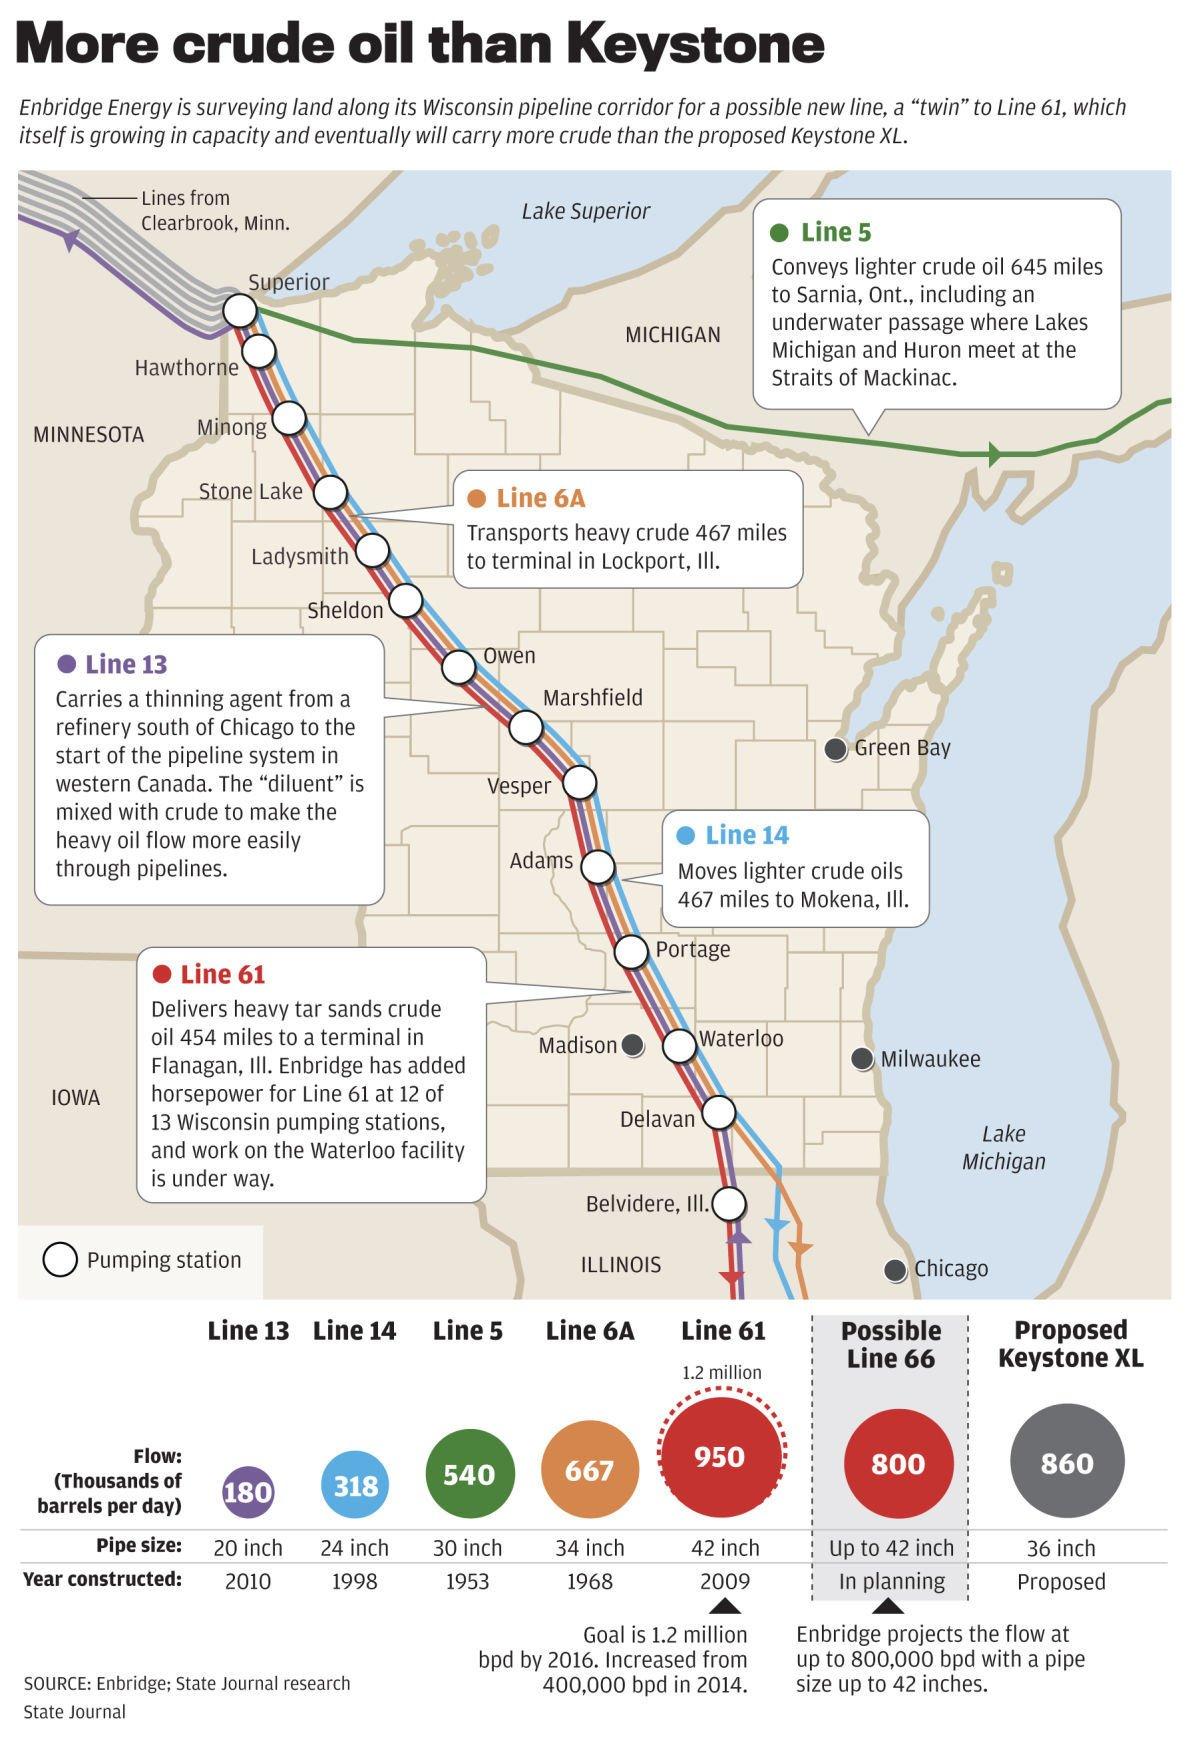 Enbridge pipeline routes